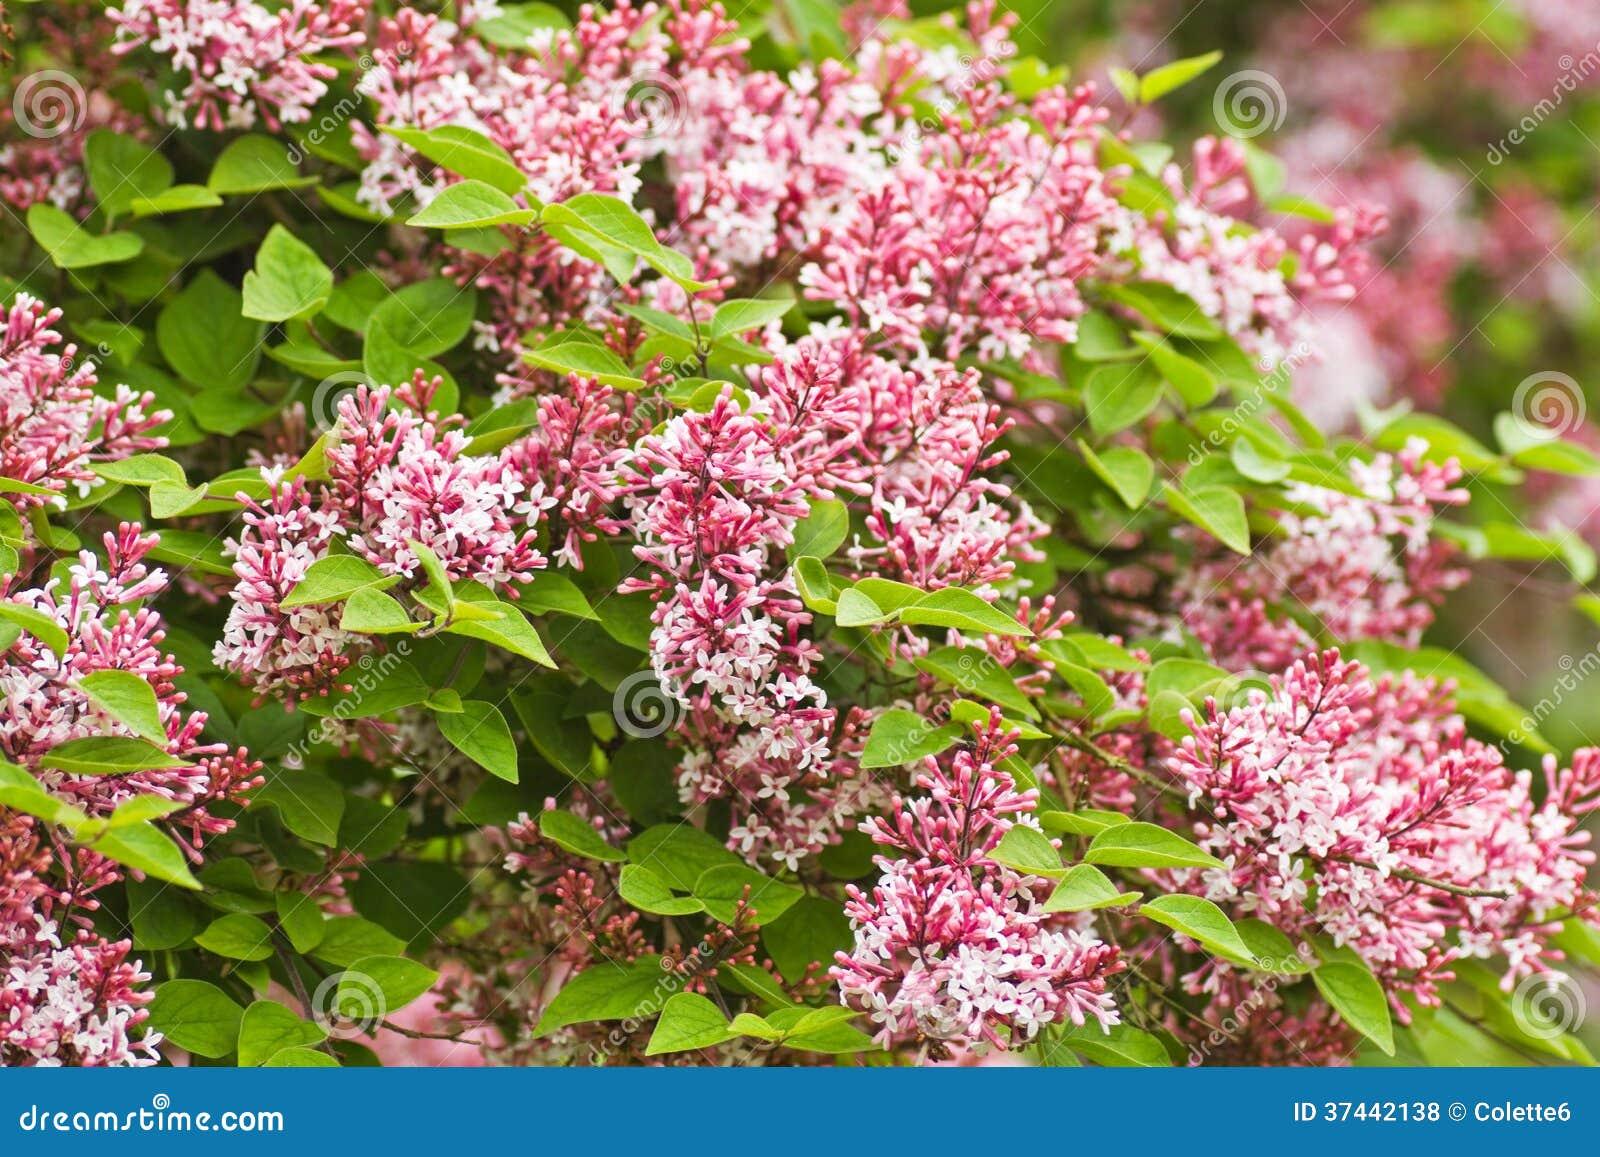 Tiny Fragrant Pink Syringa Royalty Free Stock Photos